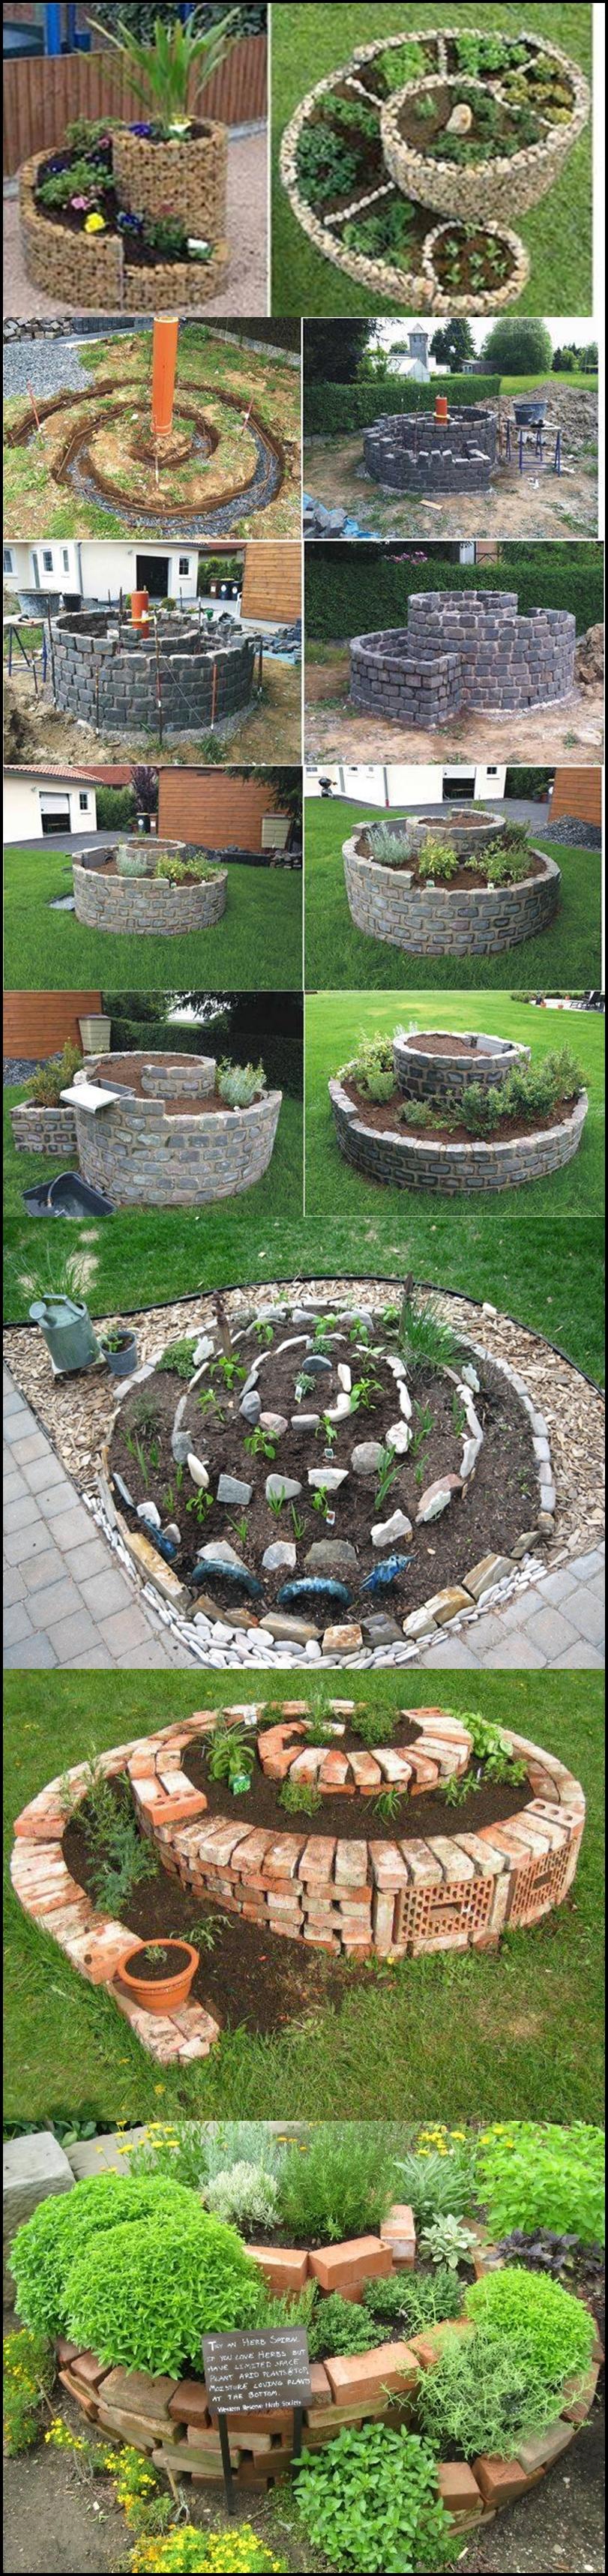 DIY Spiral Herb Garden